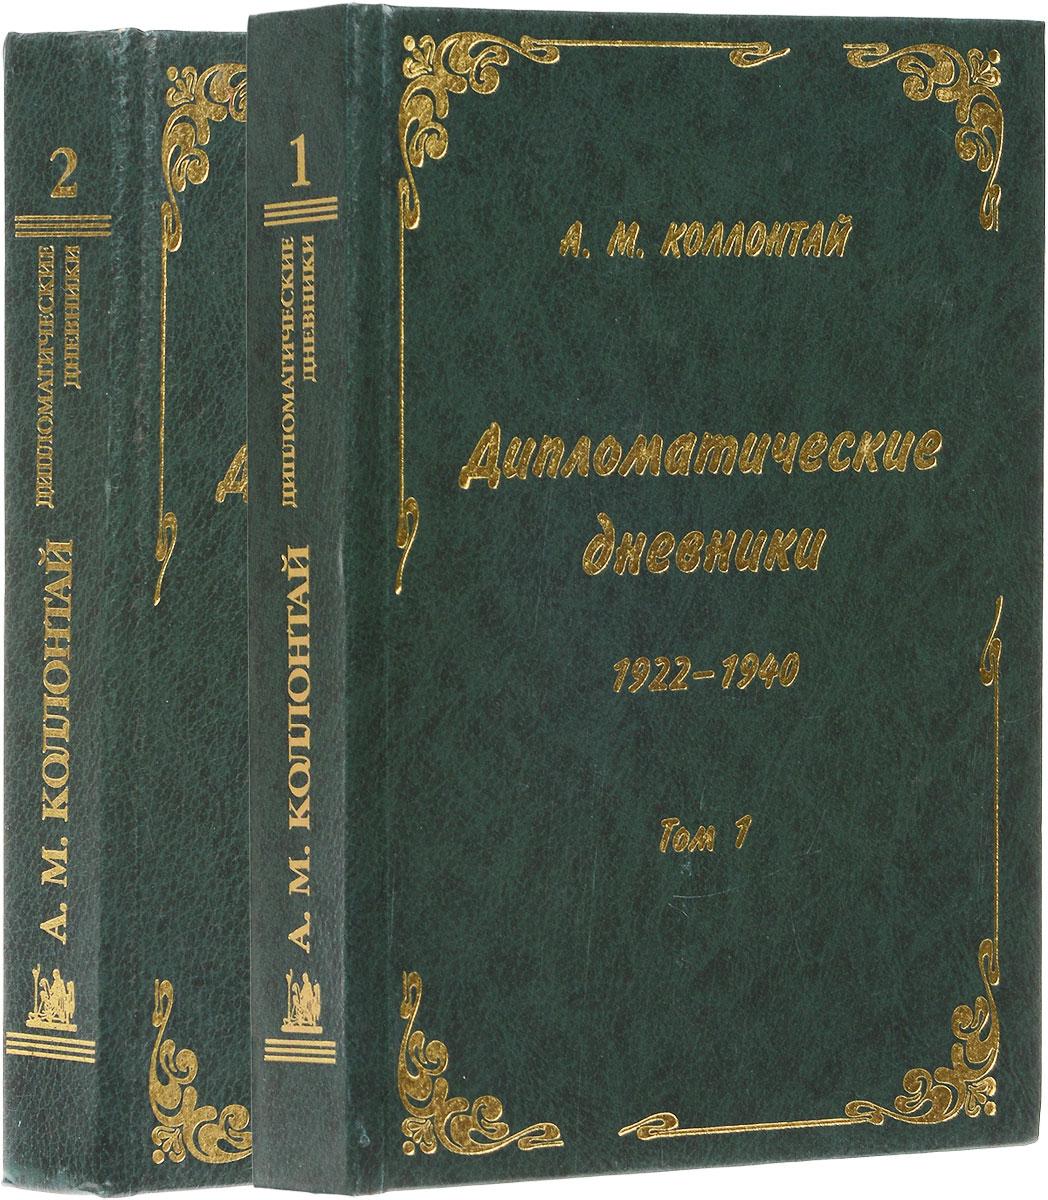 А. М. Коллонтай. Дипломатические дневники. В 2 томах (комплект из 2 книг)